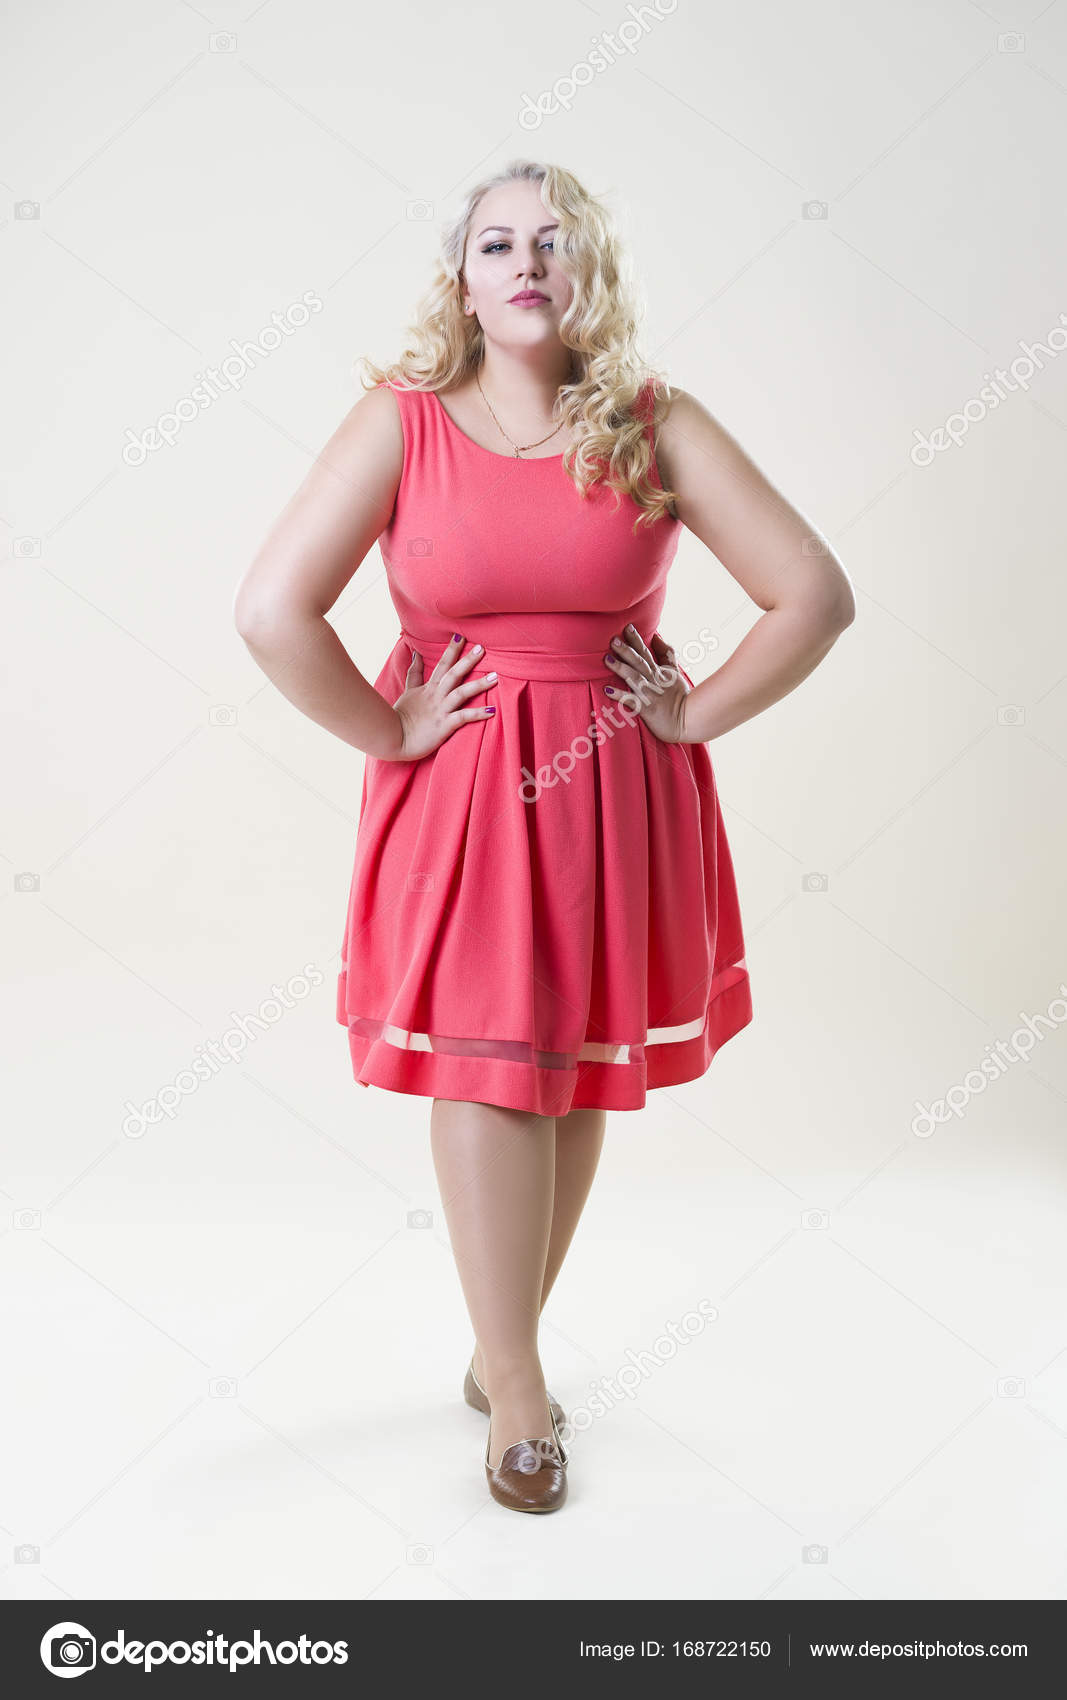 Plus Size Mode-Modell Fette Frau auf Beige Hintergrund, Übergewicht ...